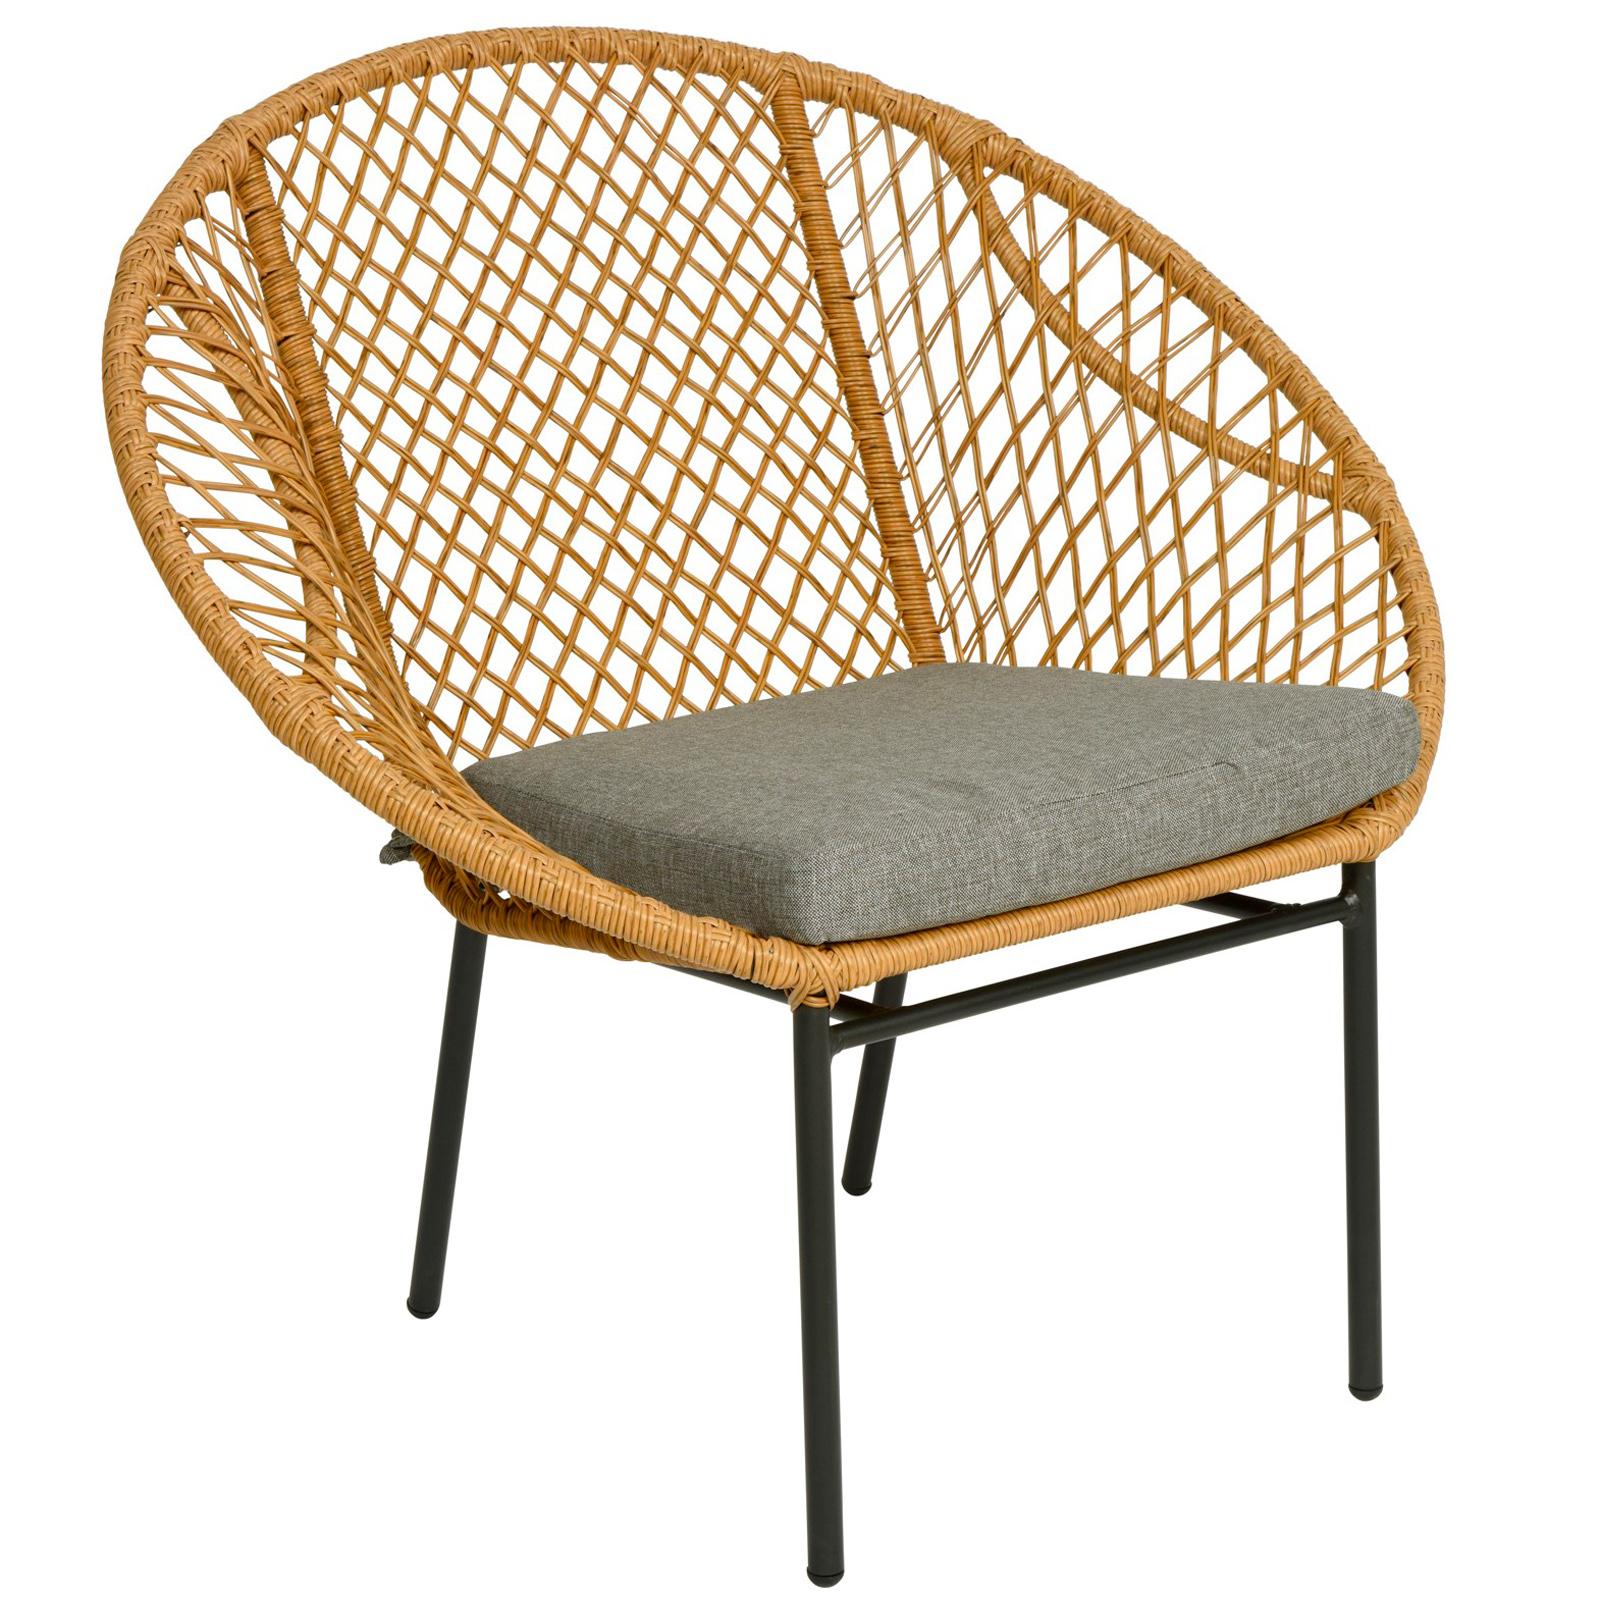 fauteuil de jardin rond resine tressee finition naturelle kampala